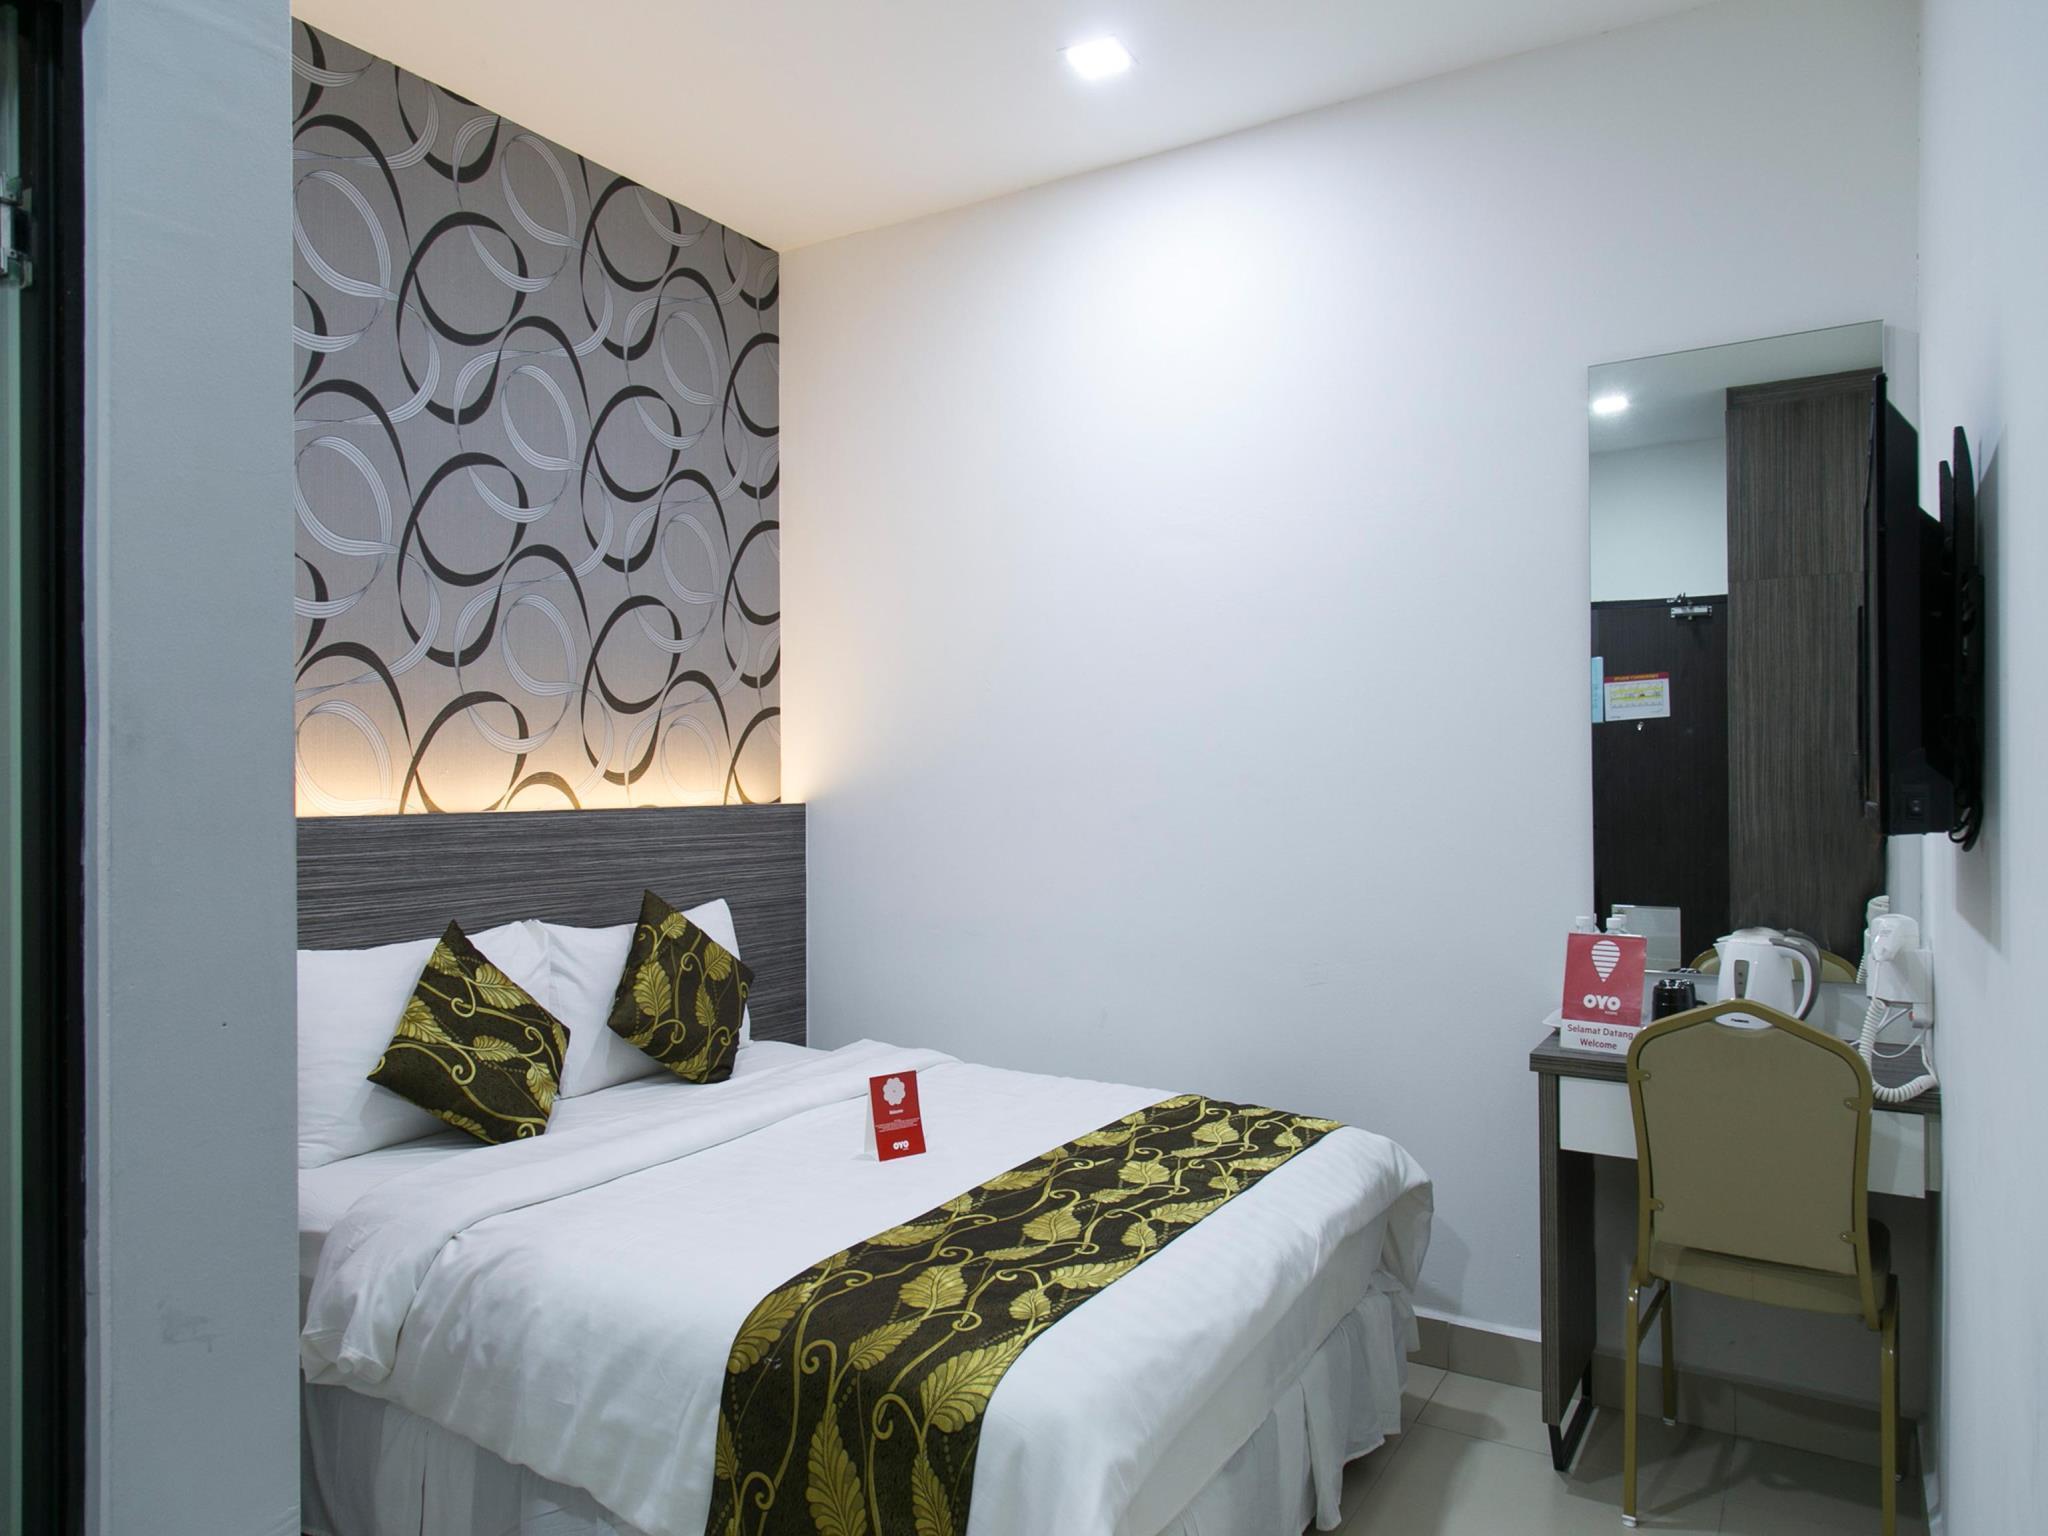 OYO 223 D' Metro Hotel, Kuala Lumpur